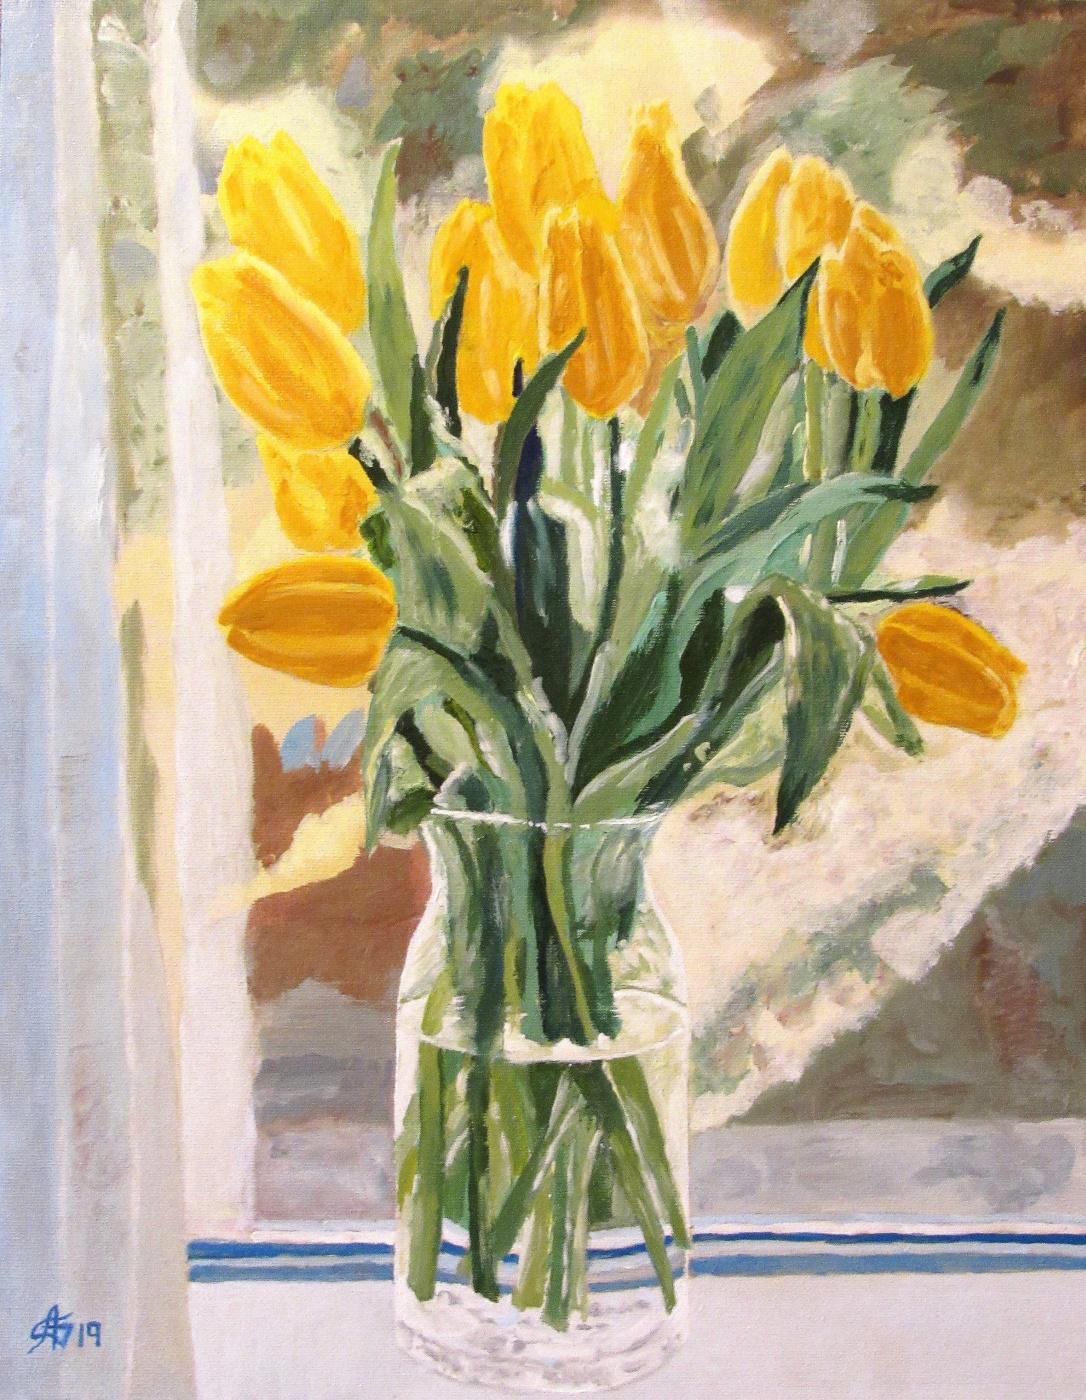 Artashes Badalyan. Window bouquet - x-kart.-m - 45x35